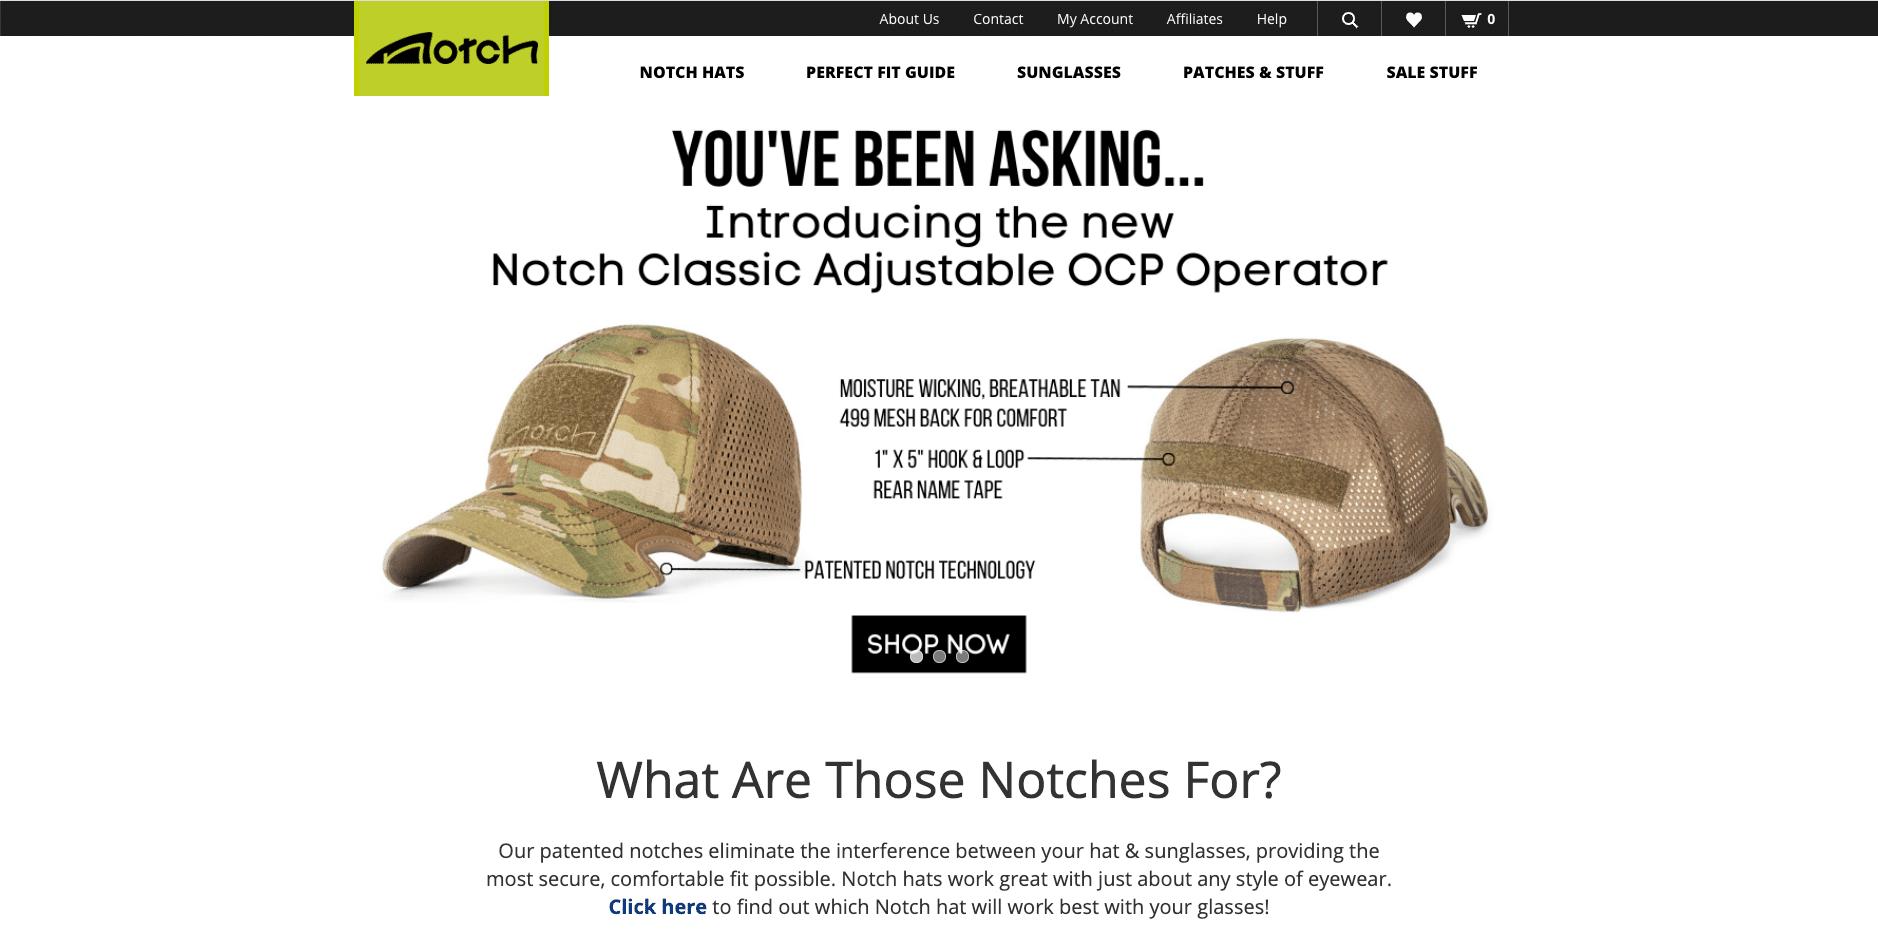 Tacca, cappellini innovativi da indossare con gli occhiali da sole